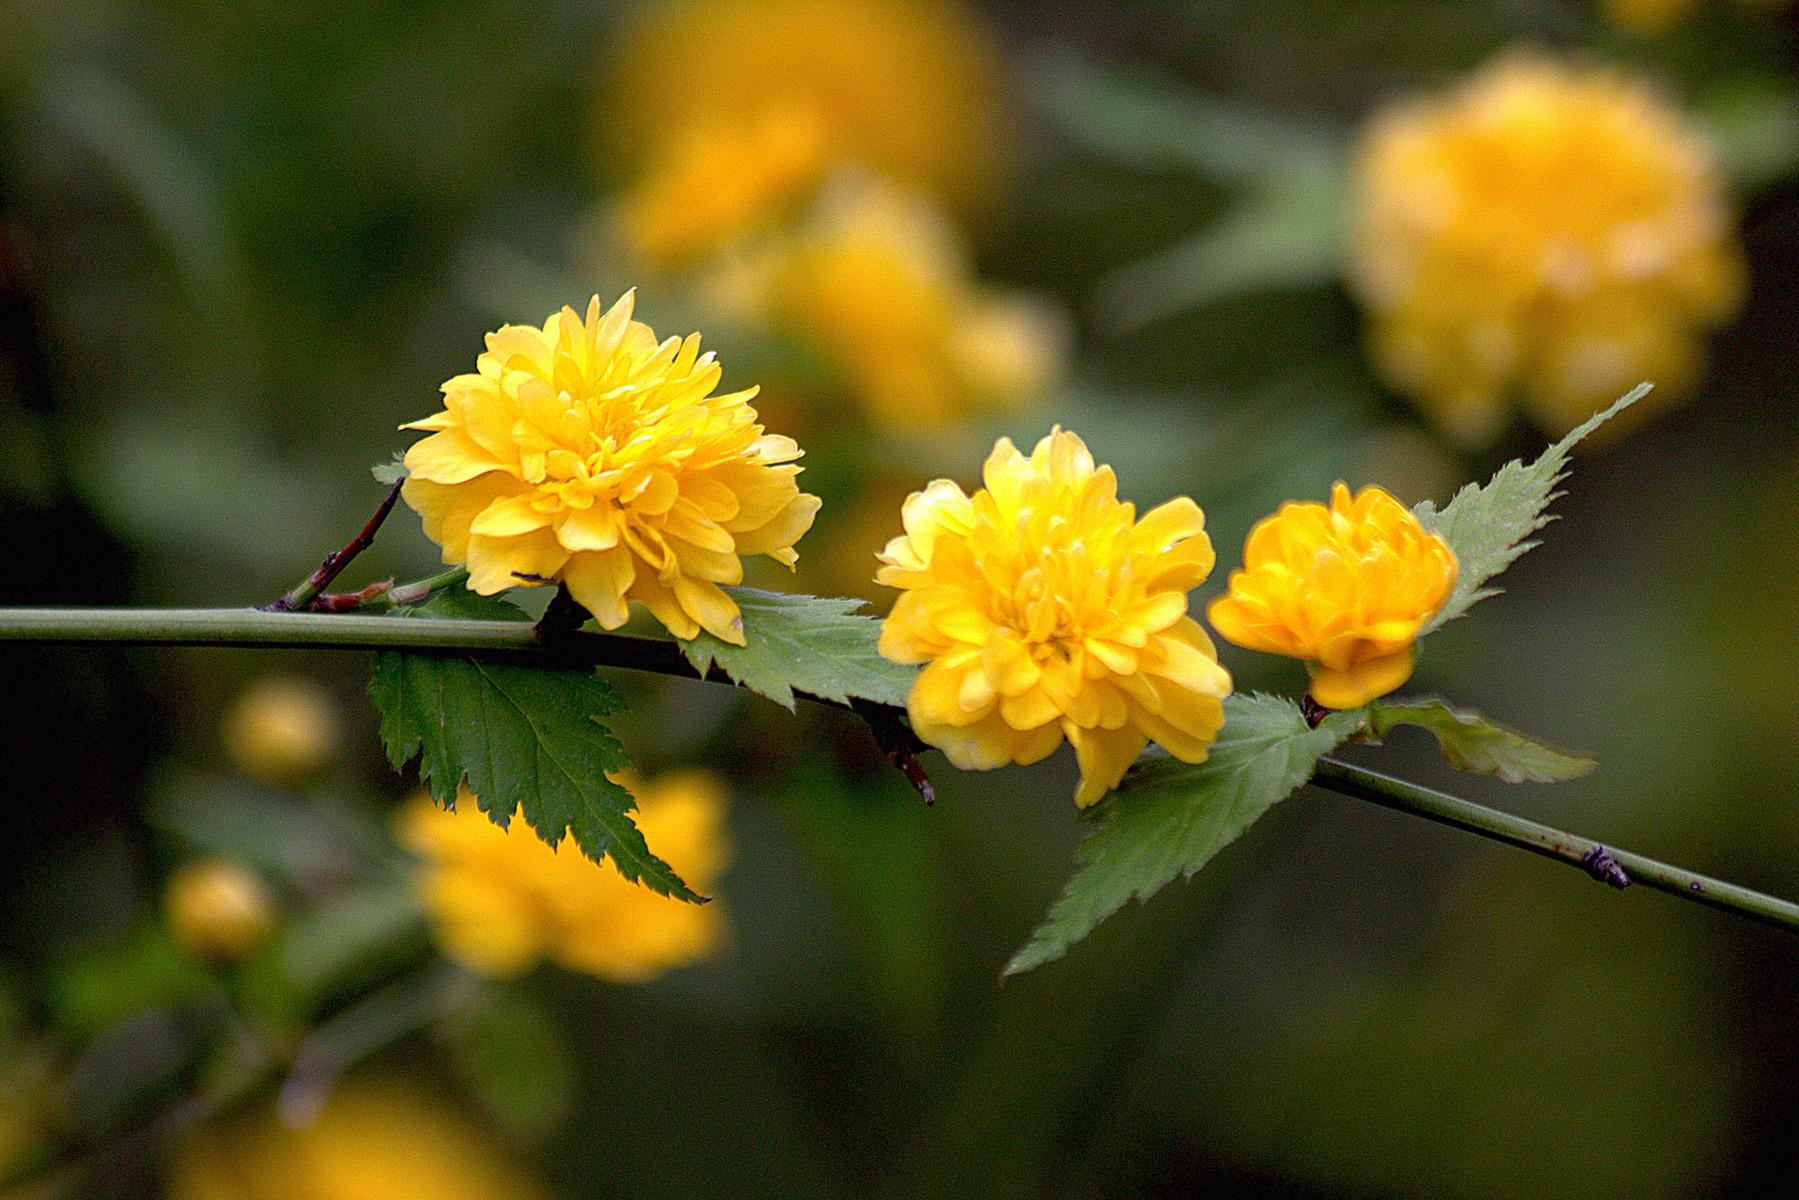 Corète du Japon, fleurs. Crédits : manuel m. v. - Flickr